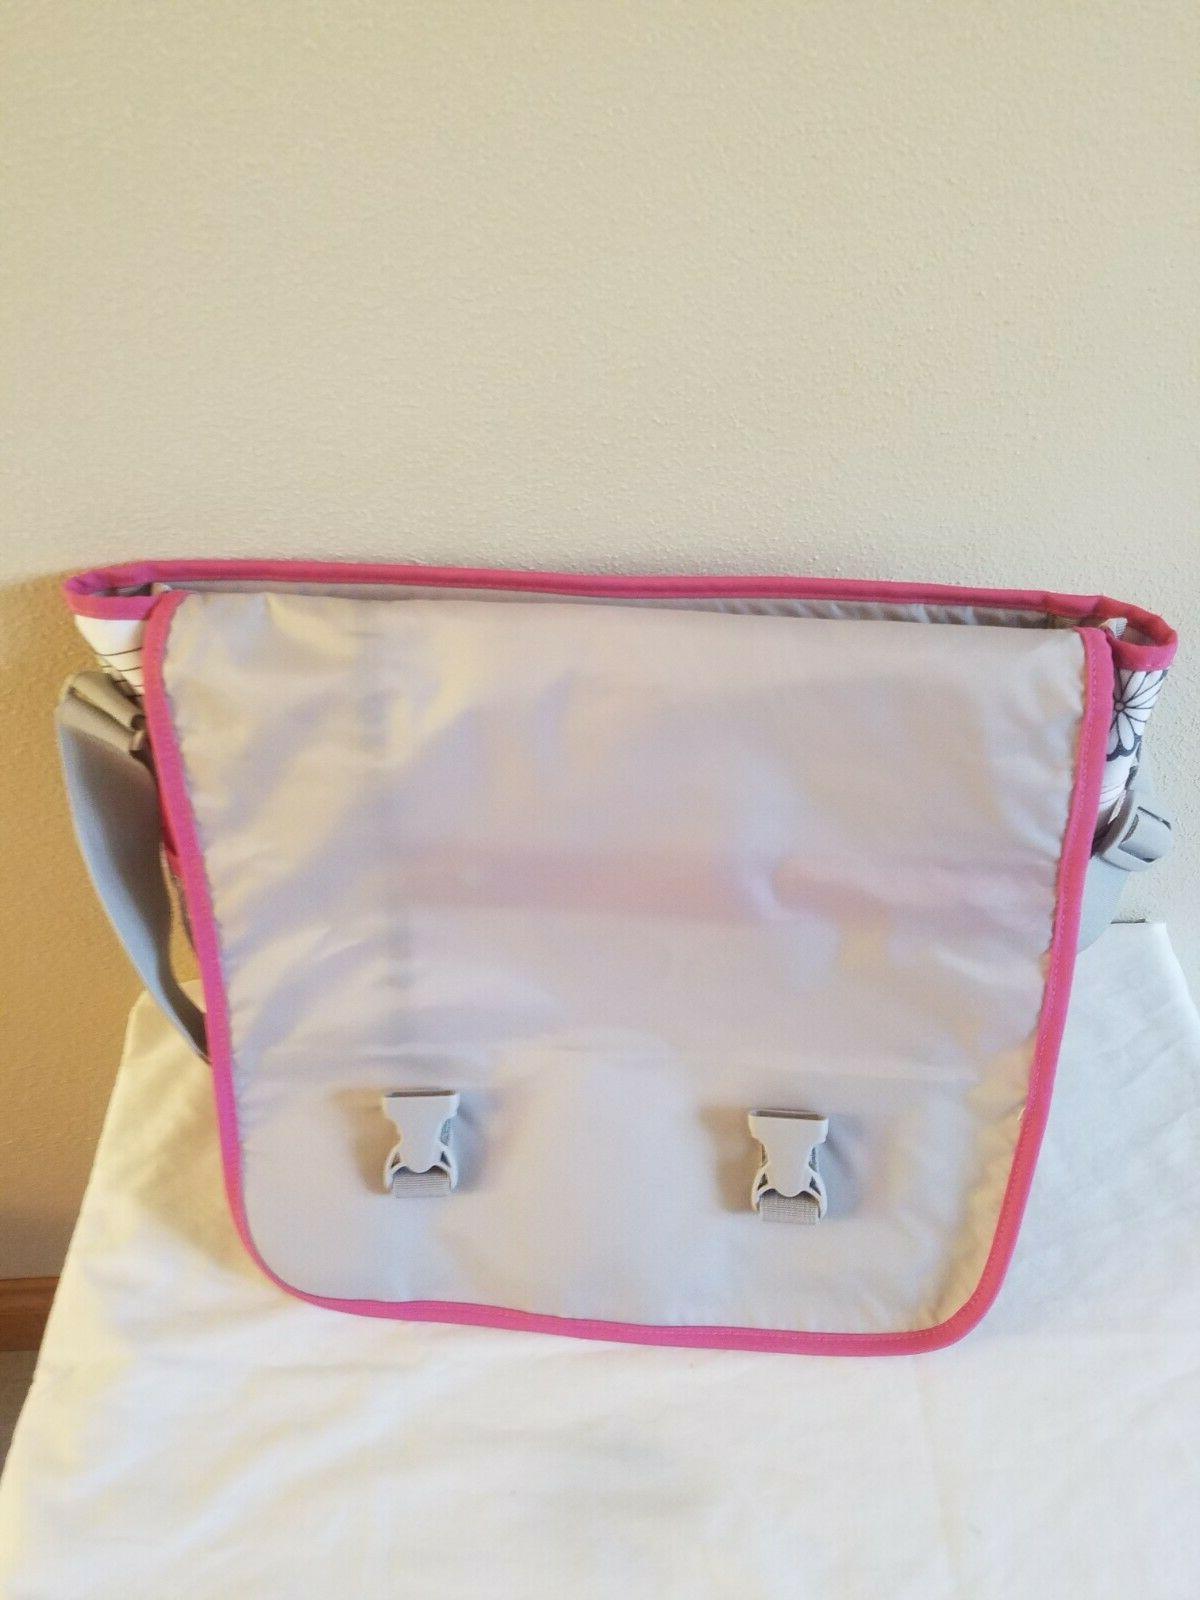 Jansport White Pink Floral Bag